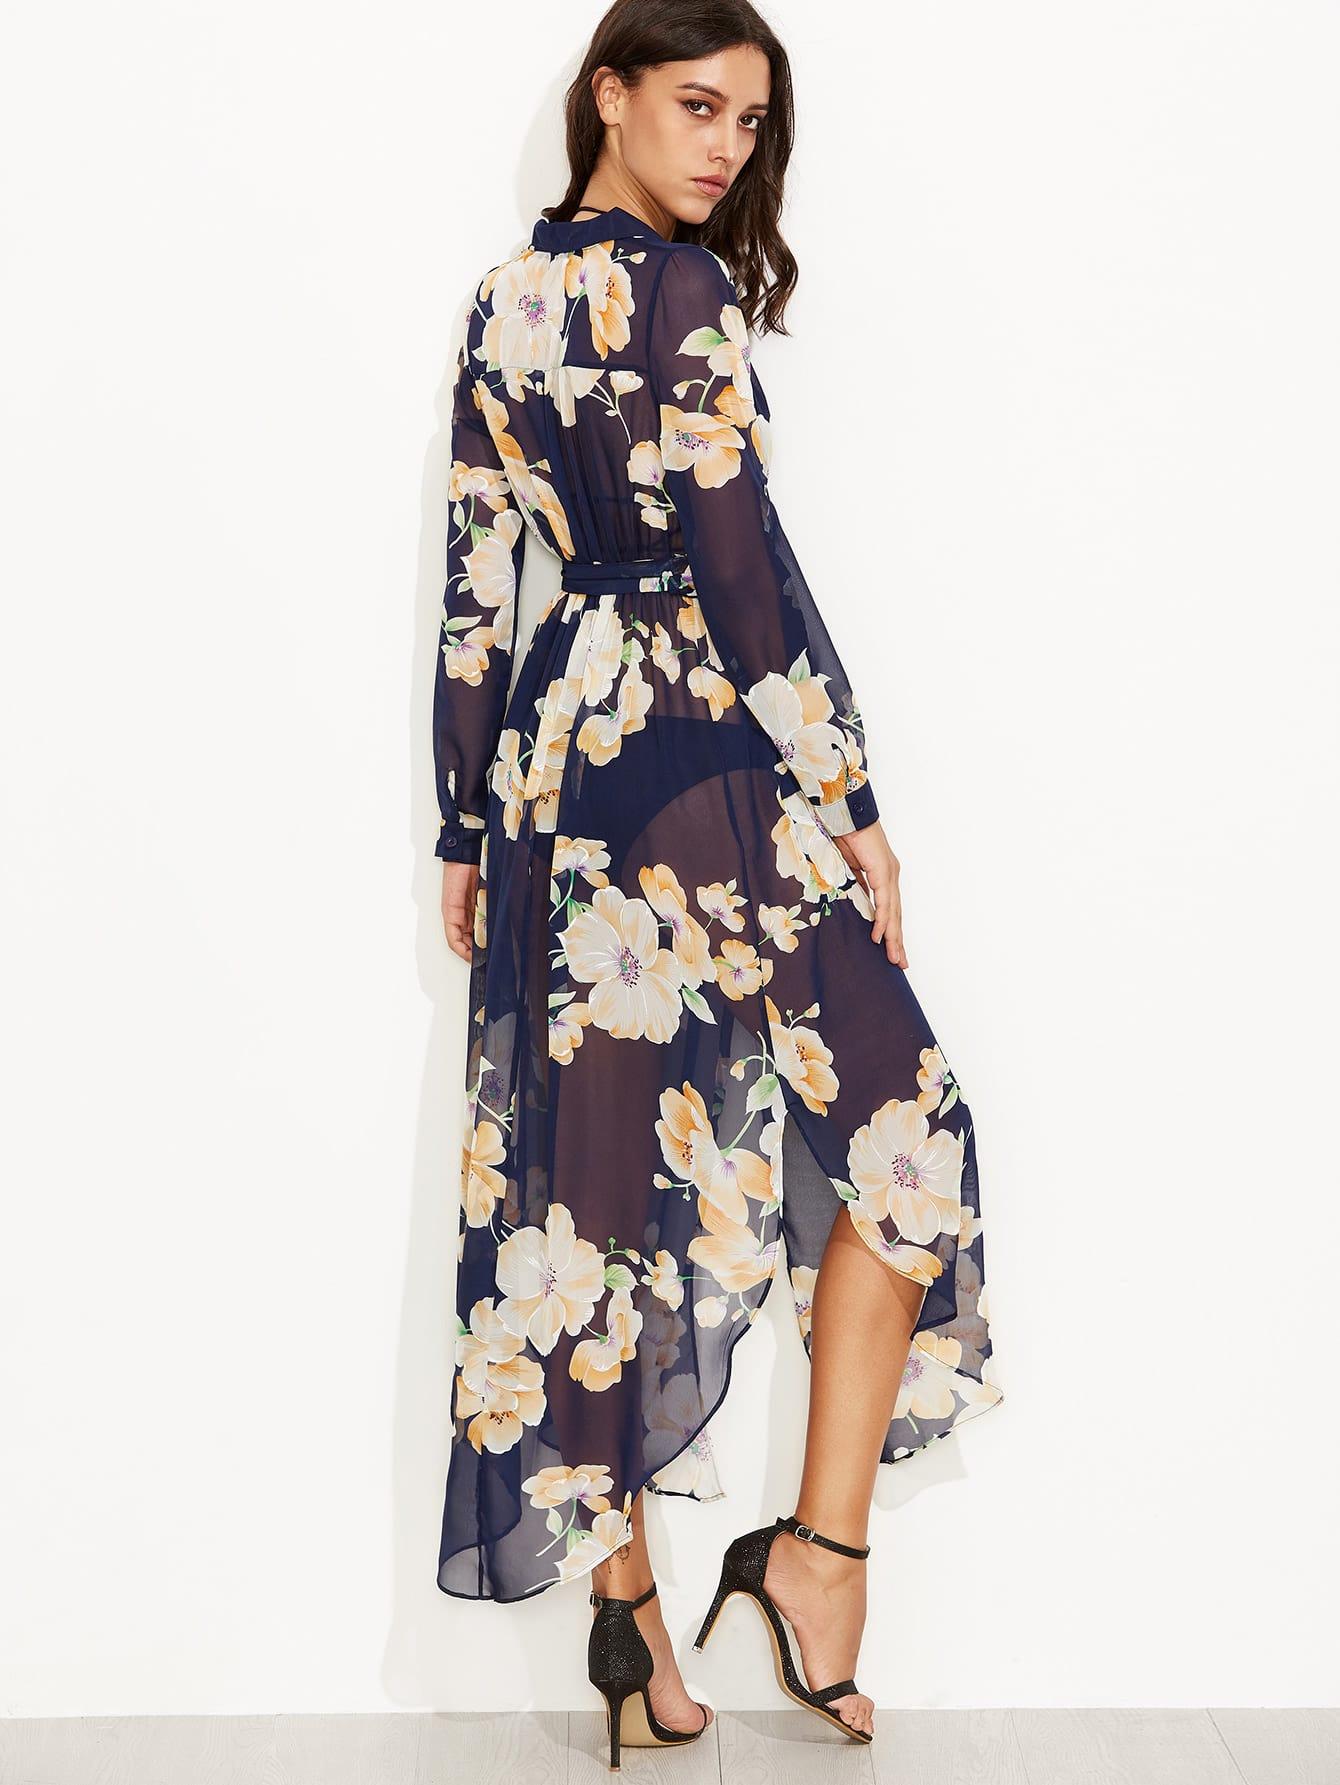 dress160812121_2